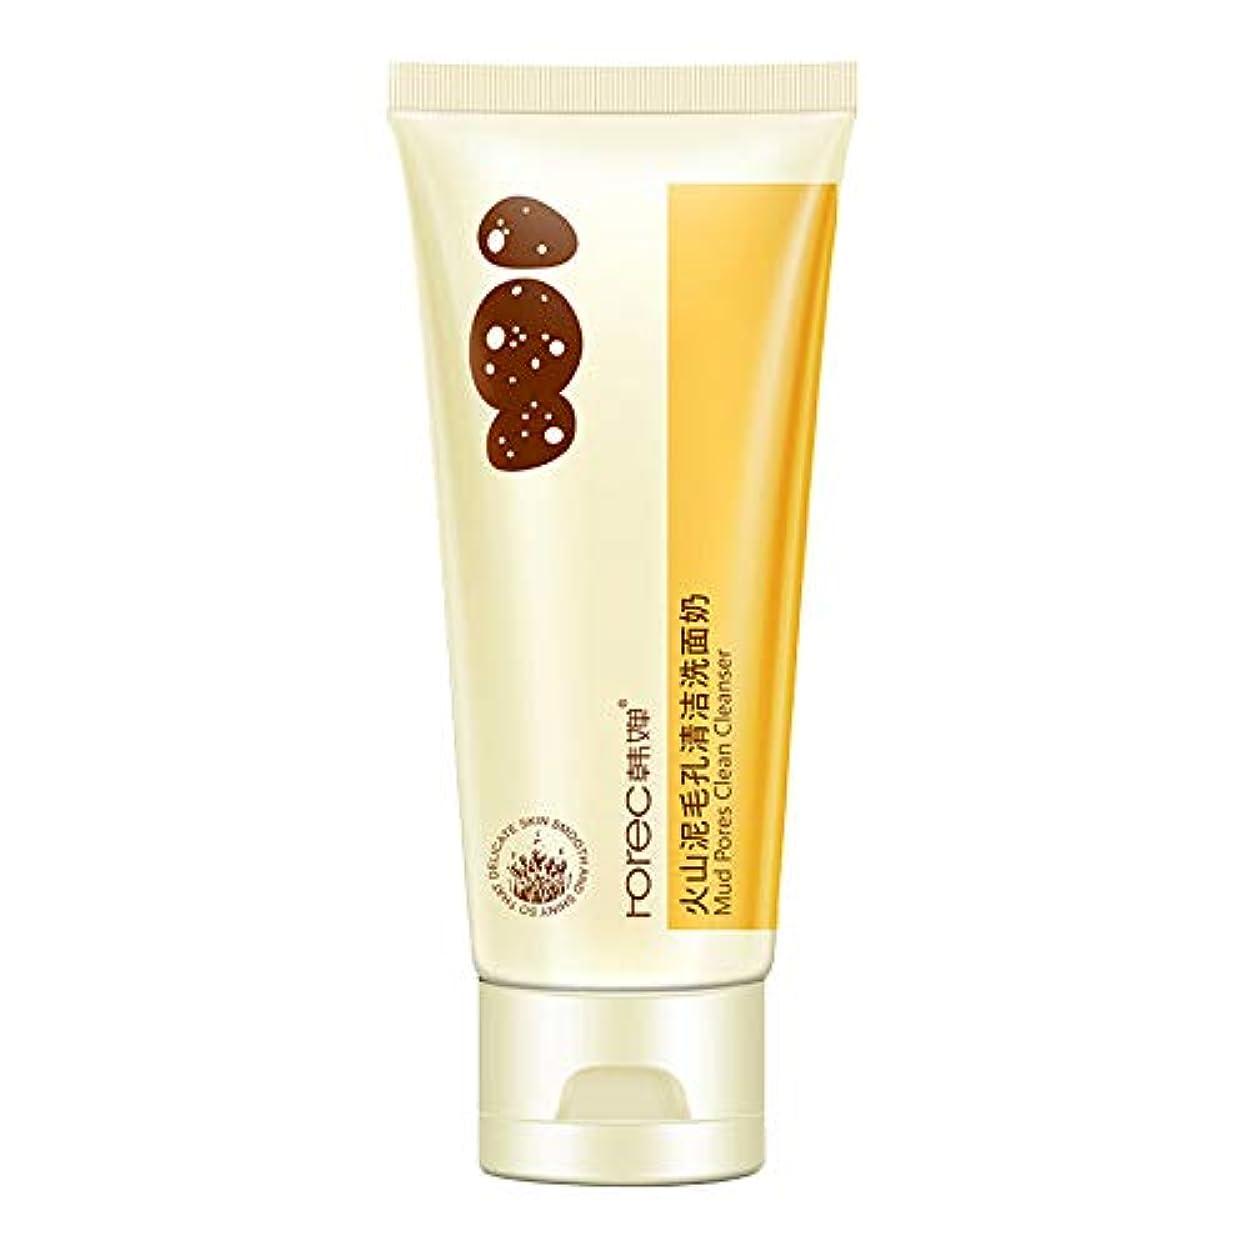 遊びます業界混合Akane Rorec 顔洗い 深層 清潔 綺麗に 保湿 浄化 角質除去 クレンジング オイルコントロール 火山泥 使いやすい 洗顔料 アロエクリーム NO.HC4328